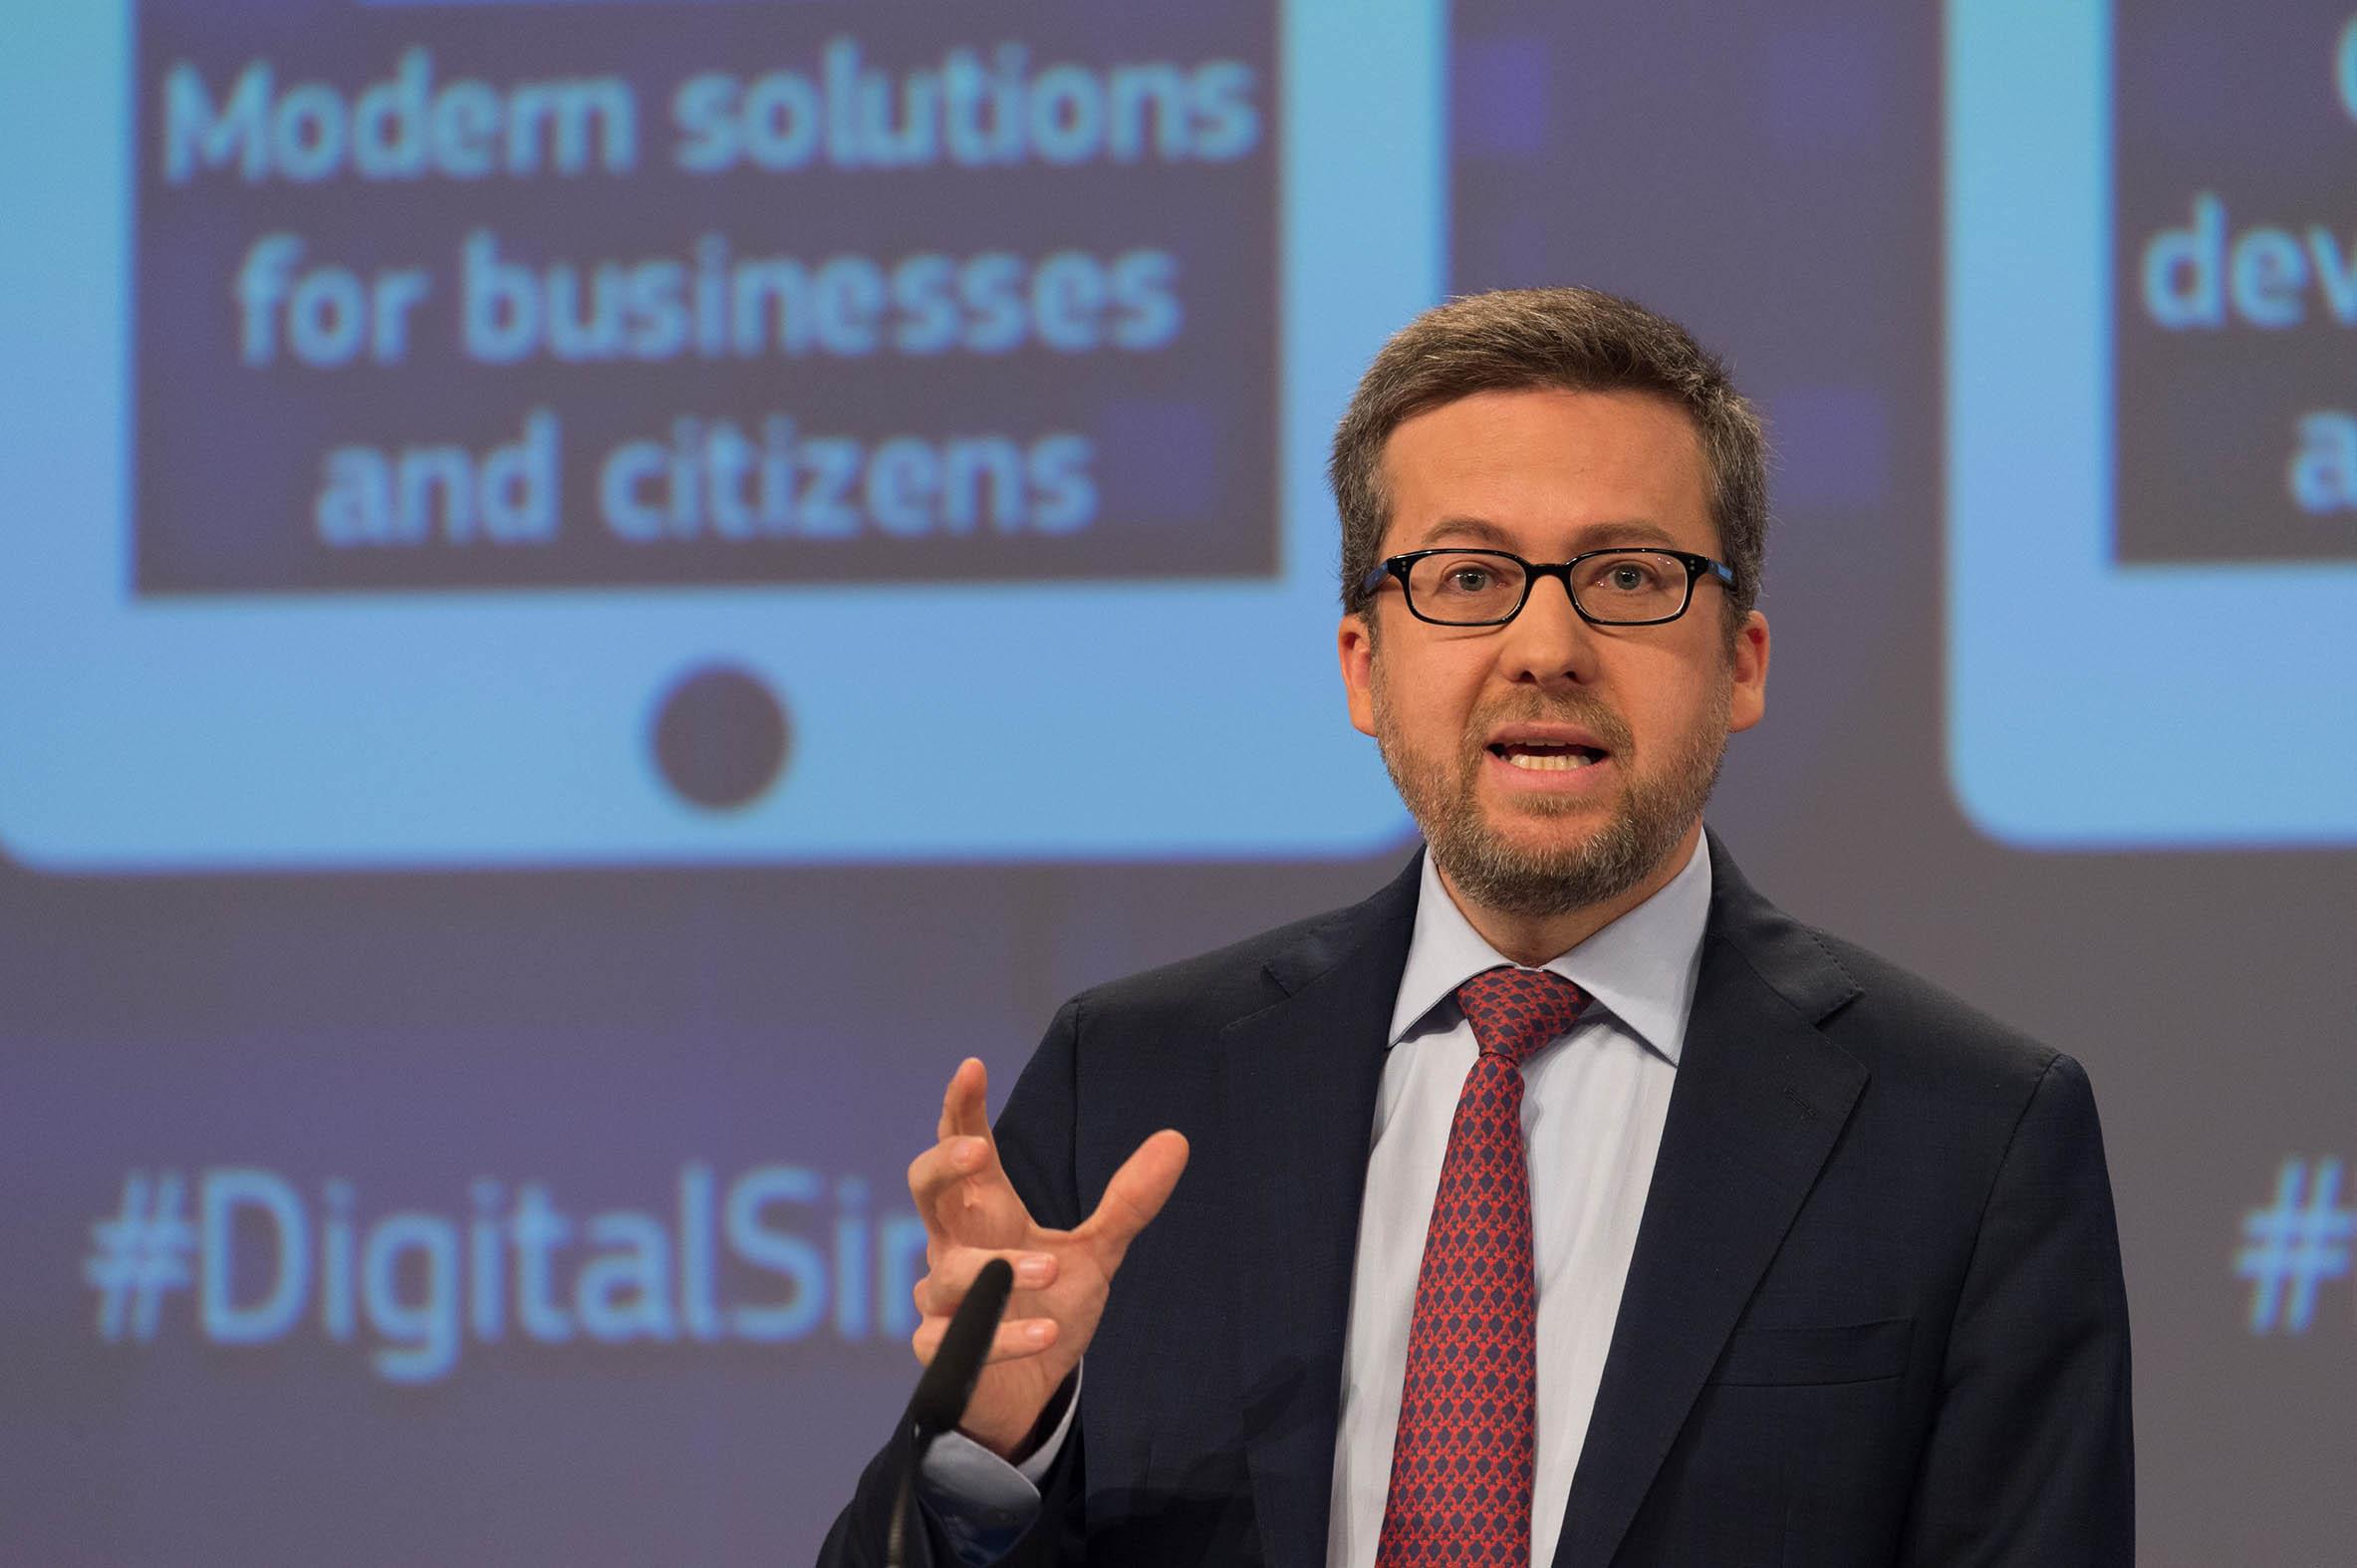 El comisario actualmente está trabajando en la creación del Consejo Europeo de Innovación, donde espera apoyar a los mejores innovadores para dar a conocer su potencial, avanzar en la creación de mercados favorables y generar un mayor impacto en inversión en I+D.